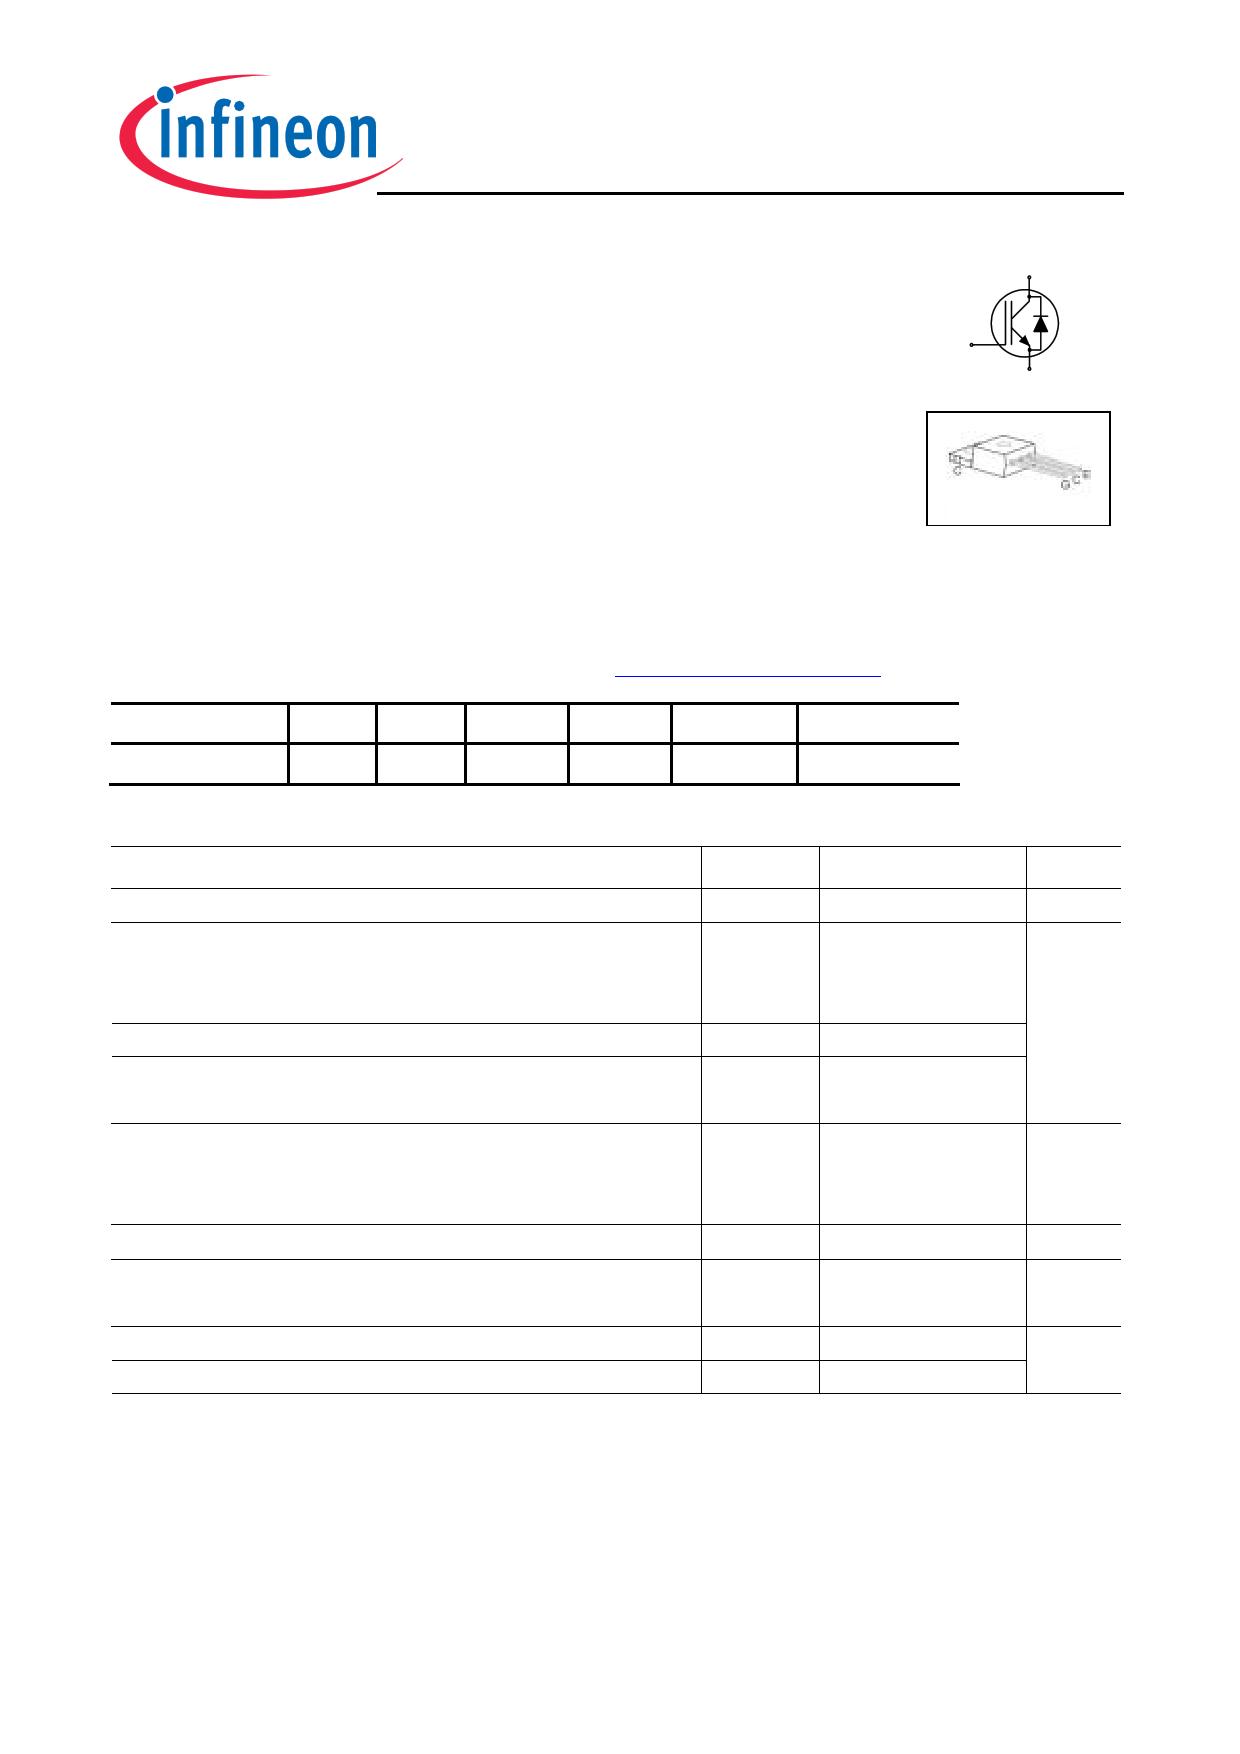 IKP01N120H2 Datasheet, IKP01N120H2 PDF,ピン配置, 機能